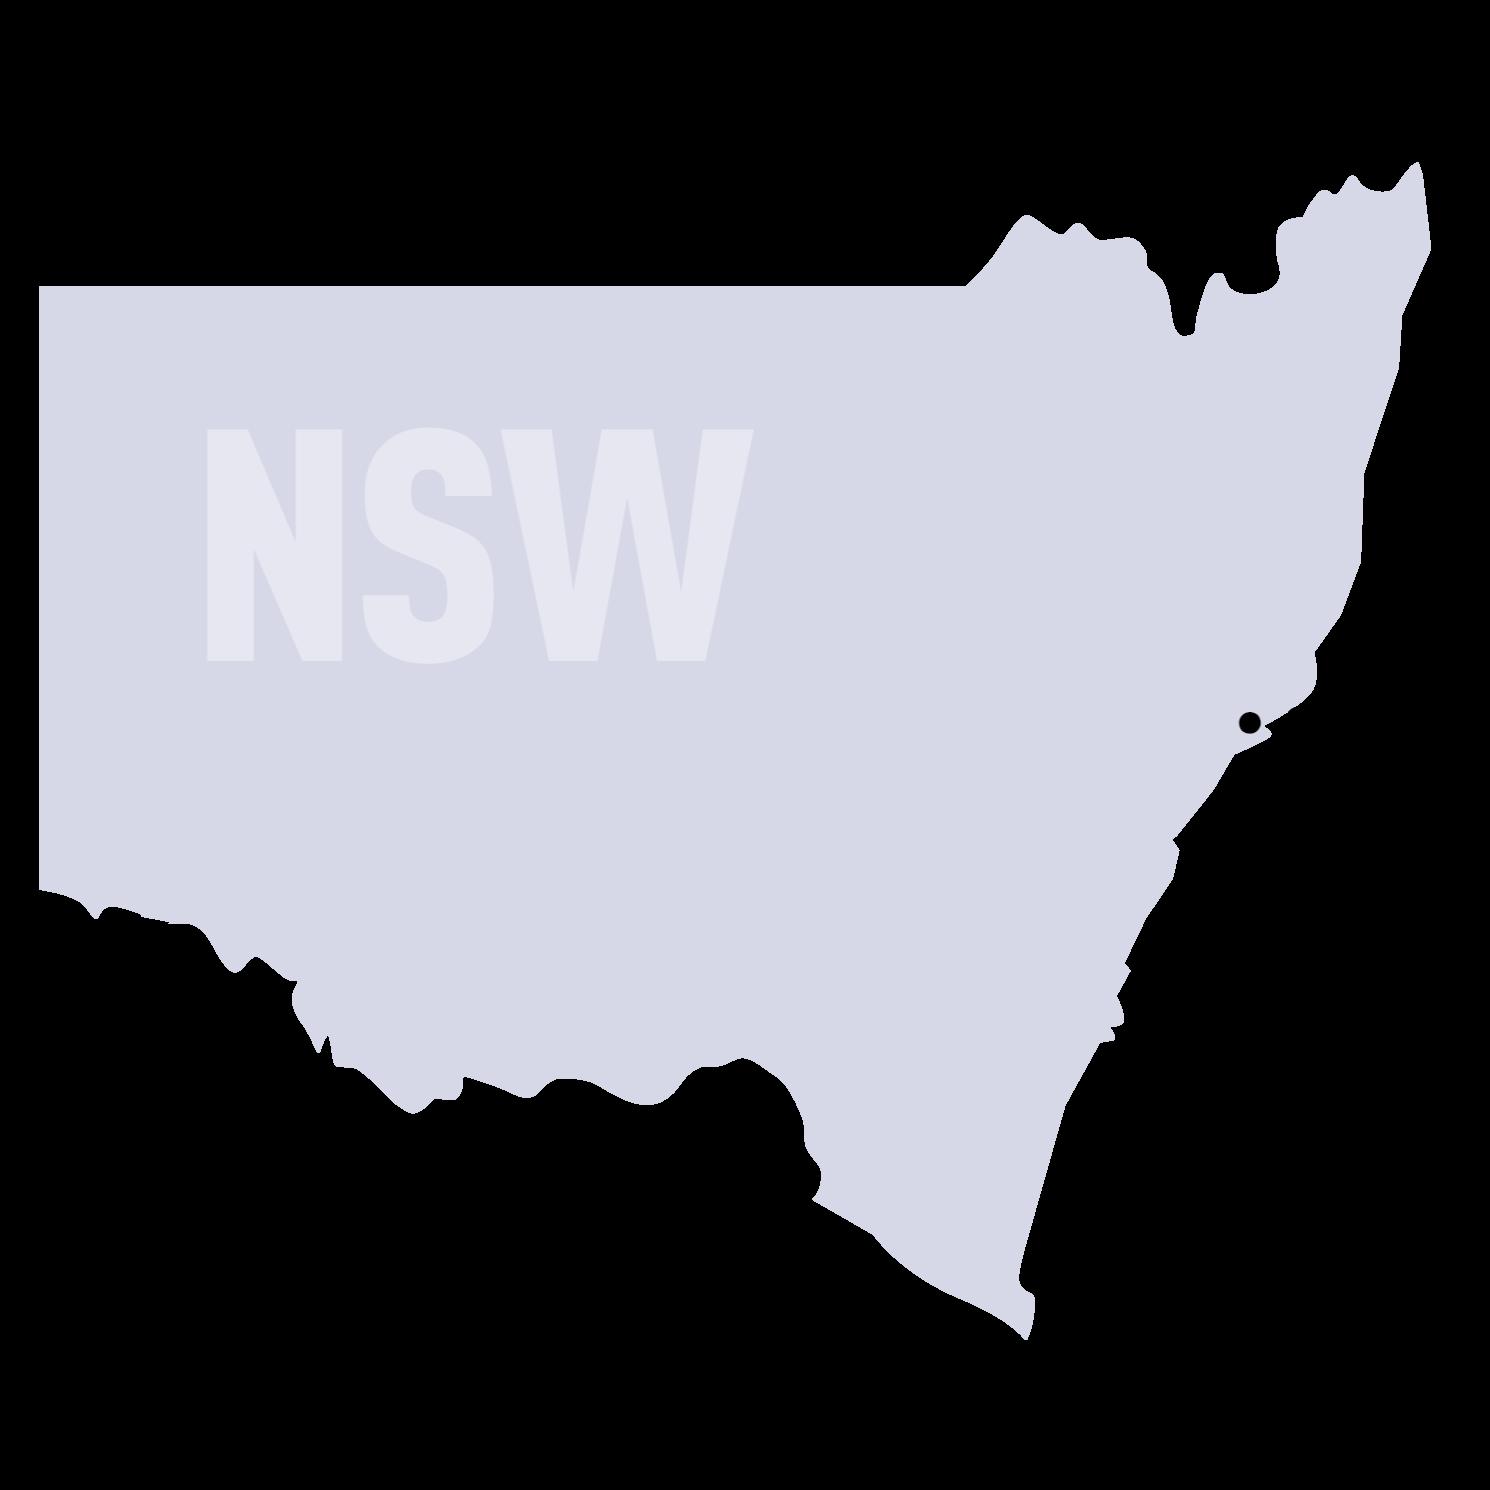 SUEZ States Maps NSW